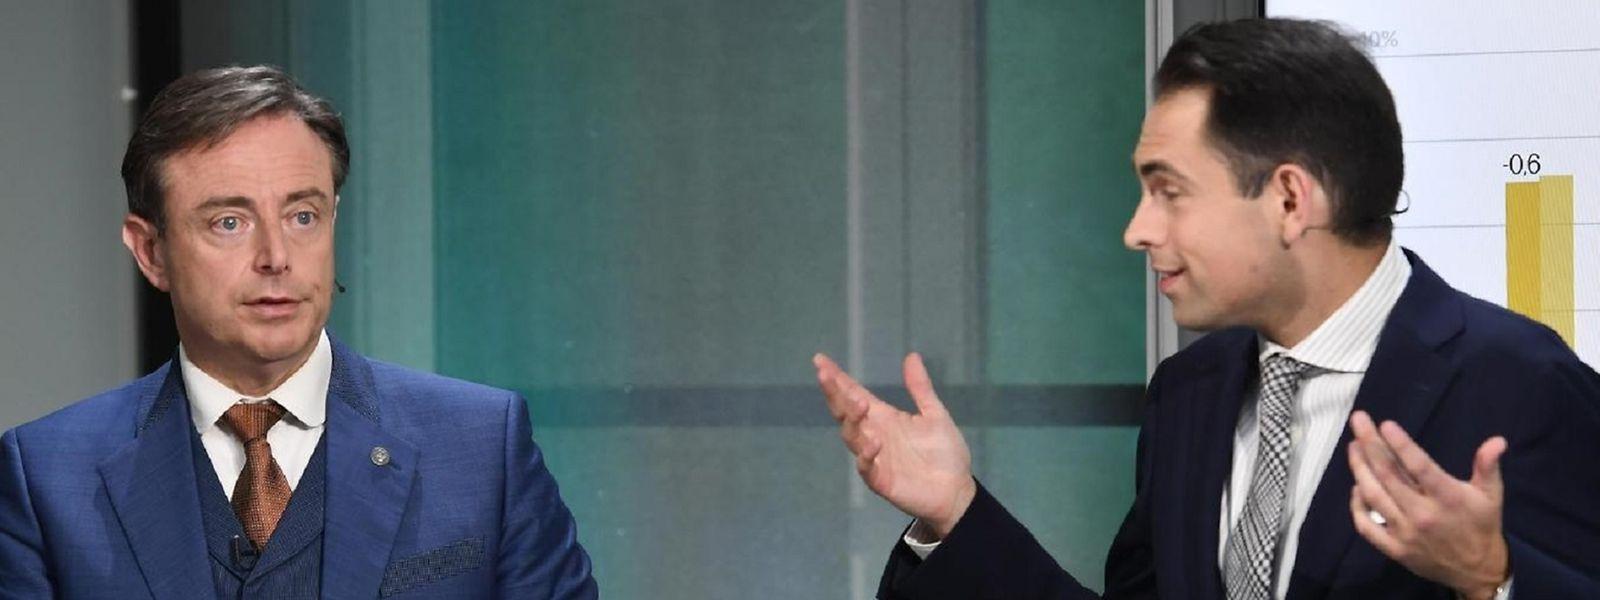 La N-VA de Bart De Wever et le Vlaams Belang de Tom Van Grieken pourraient obtenir 47,9% des suffrages si des élections étaient organisées demain.